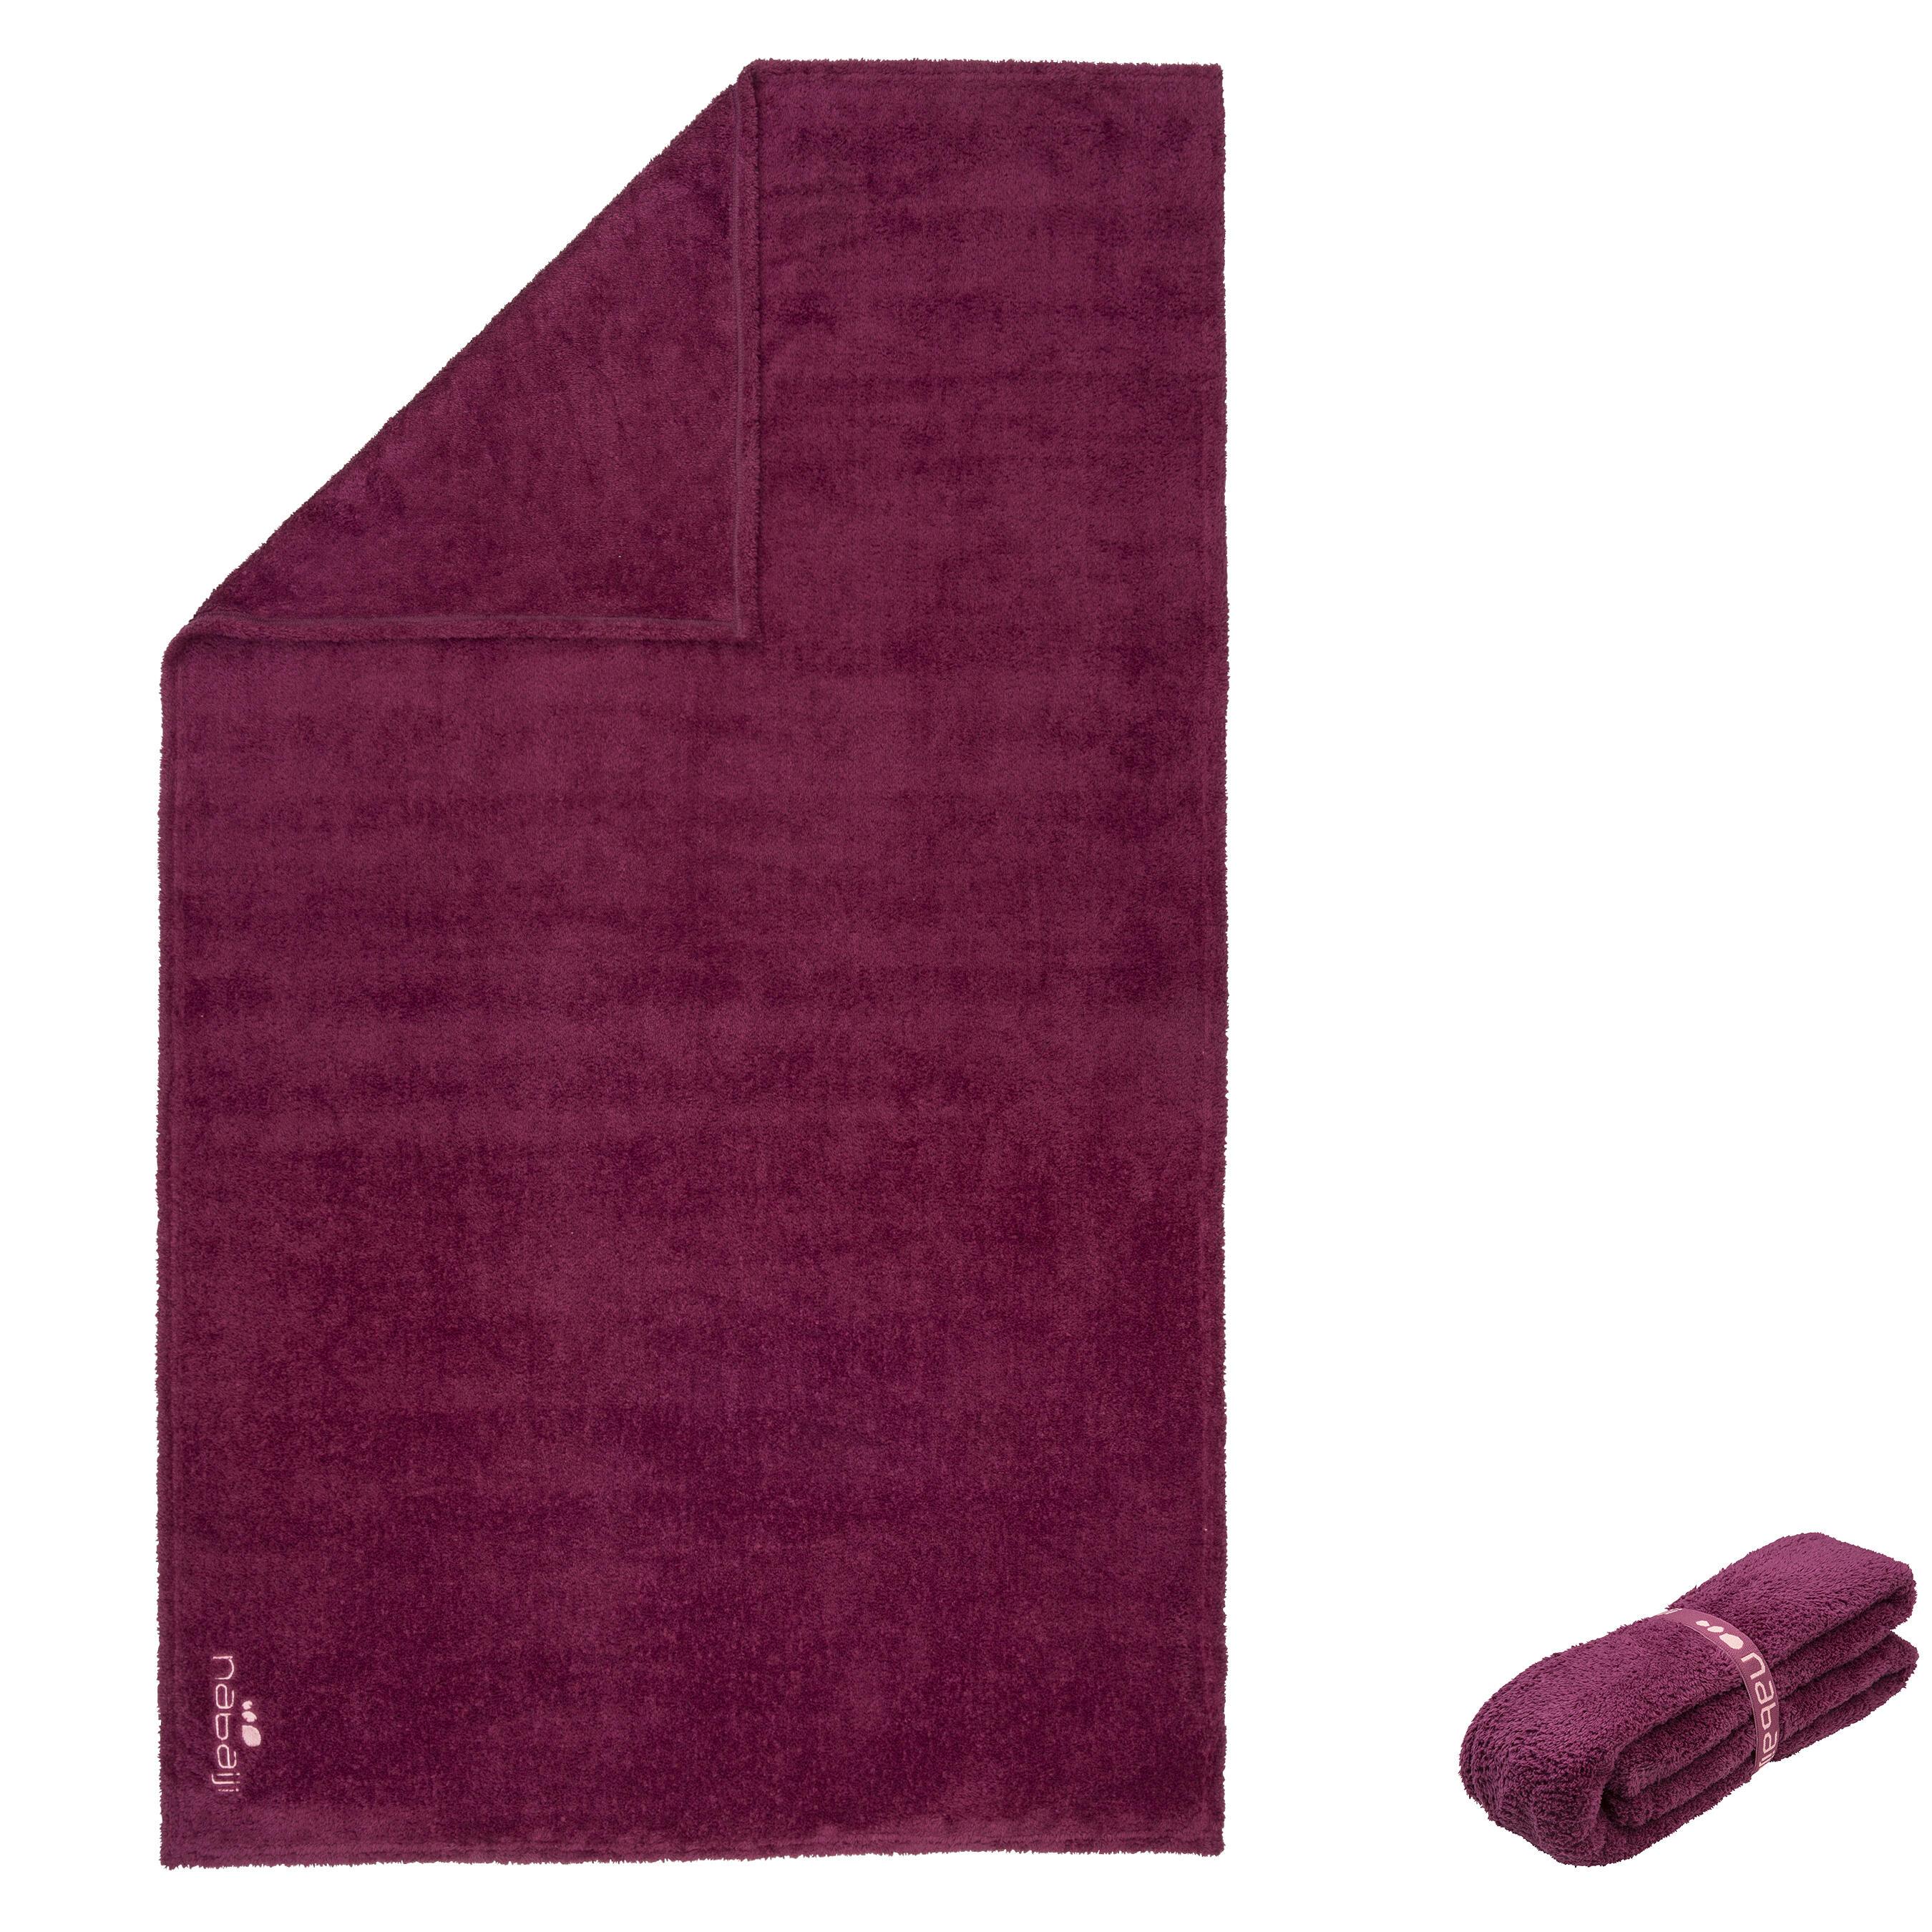 Ultra Soft Microfibre Towel Size L 80 x 130 cm - Bordeaux